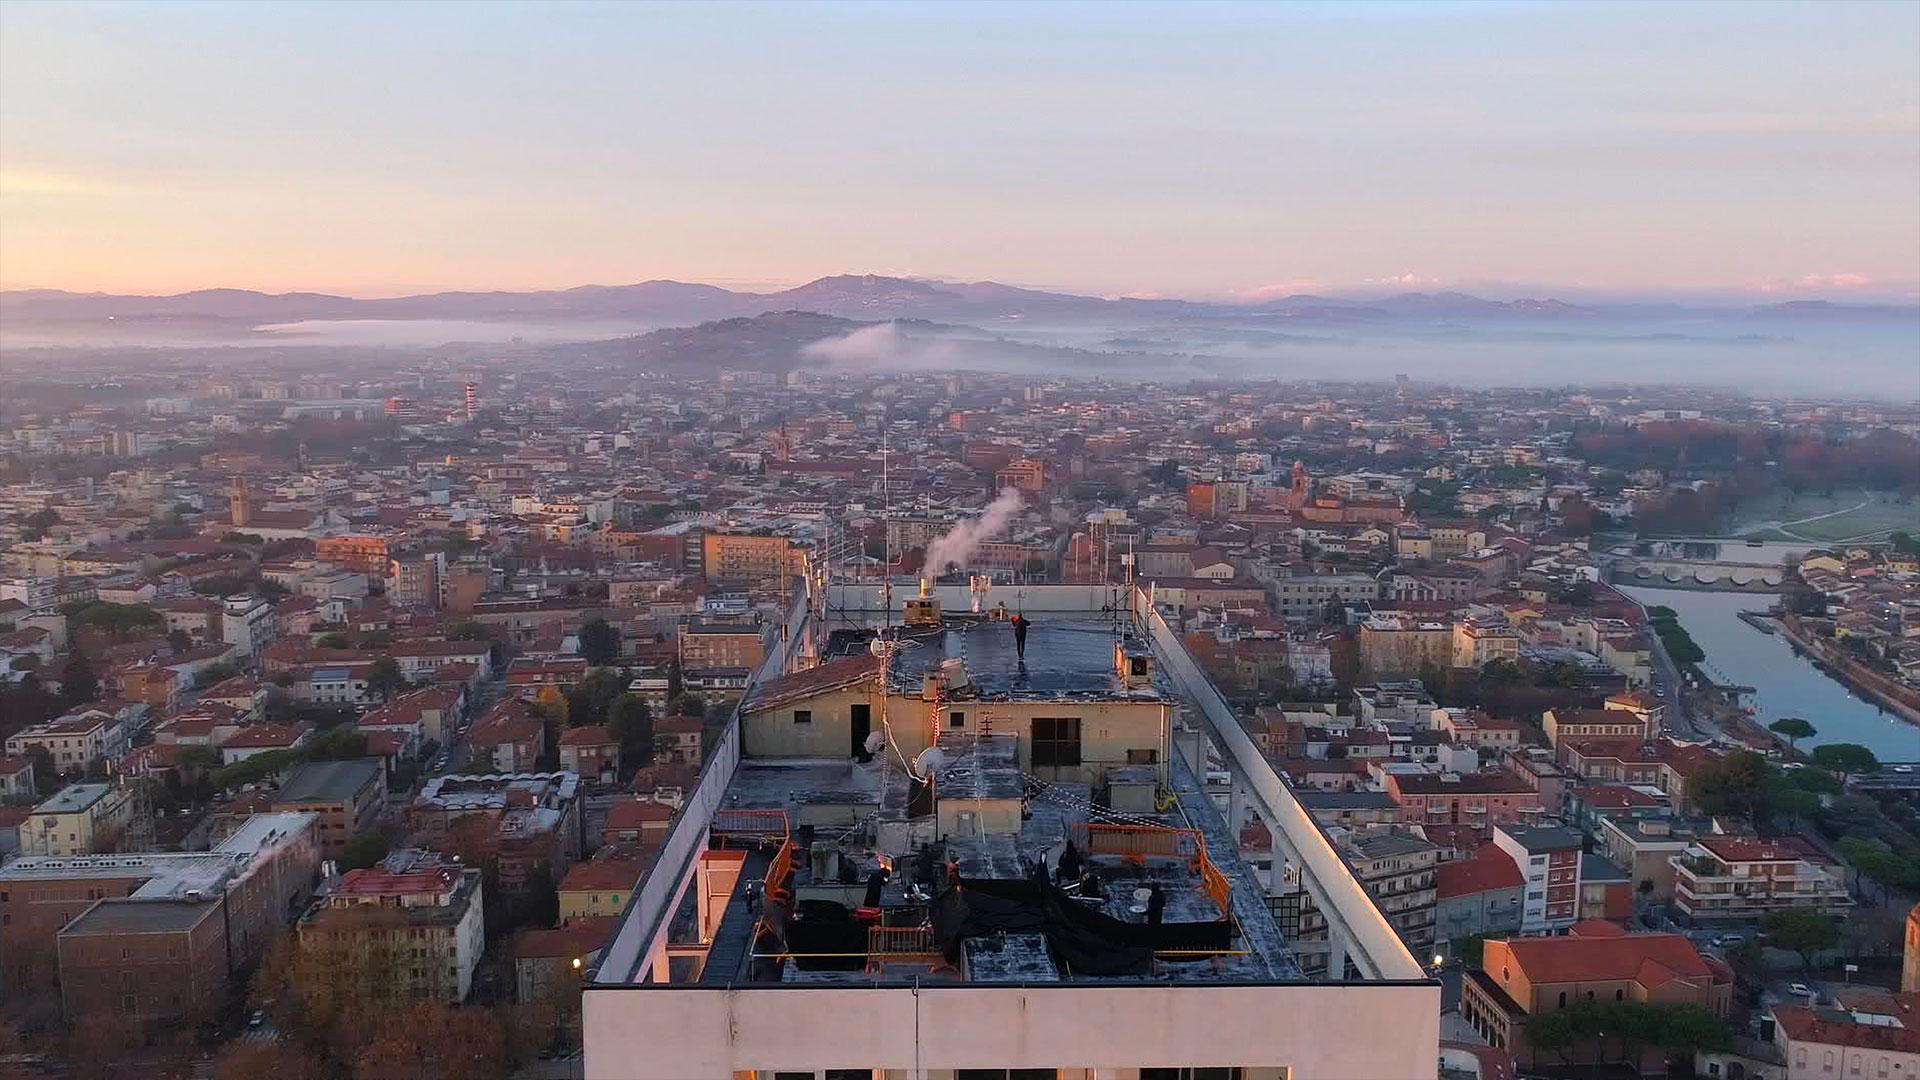 9192Oltre 1 milione di visualizzazioni per il video che abbiamo realizzato per il Comune di Rimini